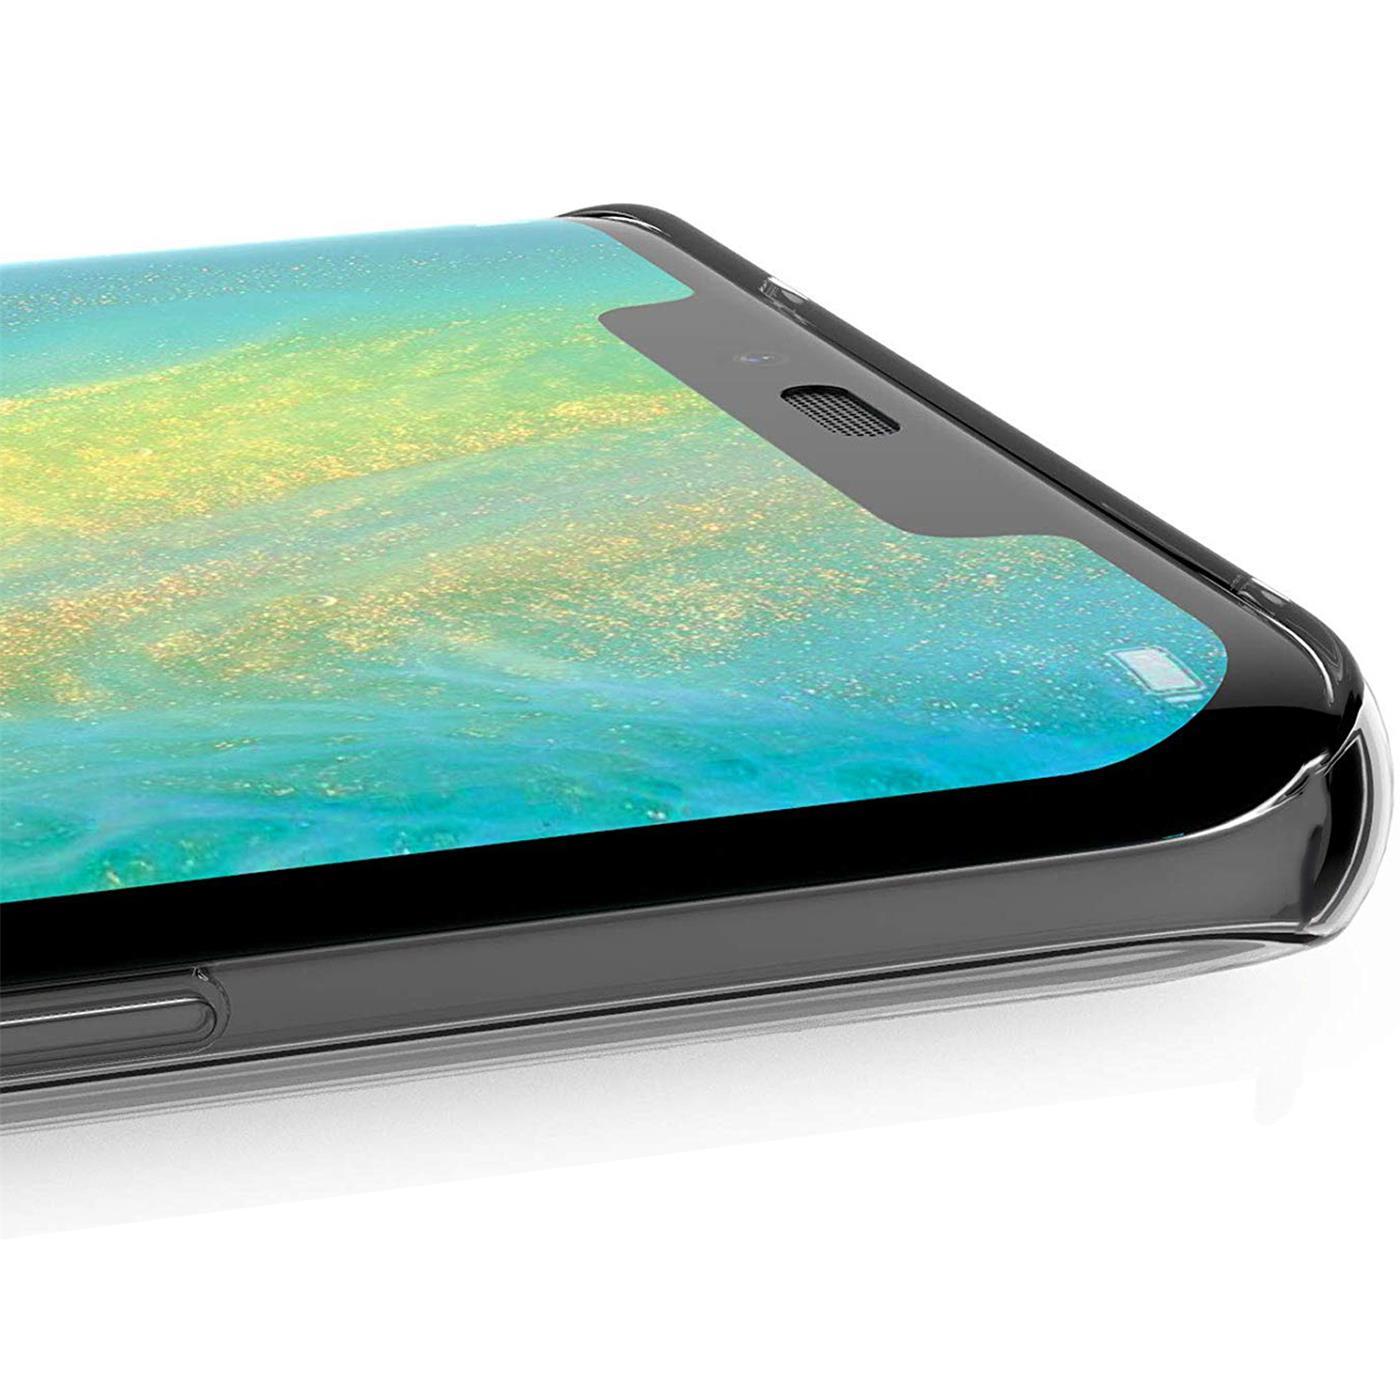 Huawei-P30-Lite-Motiv-Handy-Huelle-Silikon-Tasche-Schutzhuelle-Cover-Slim-TPU-Case Indexbild 10